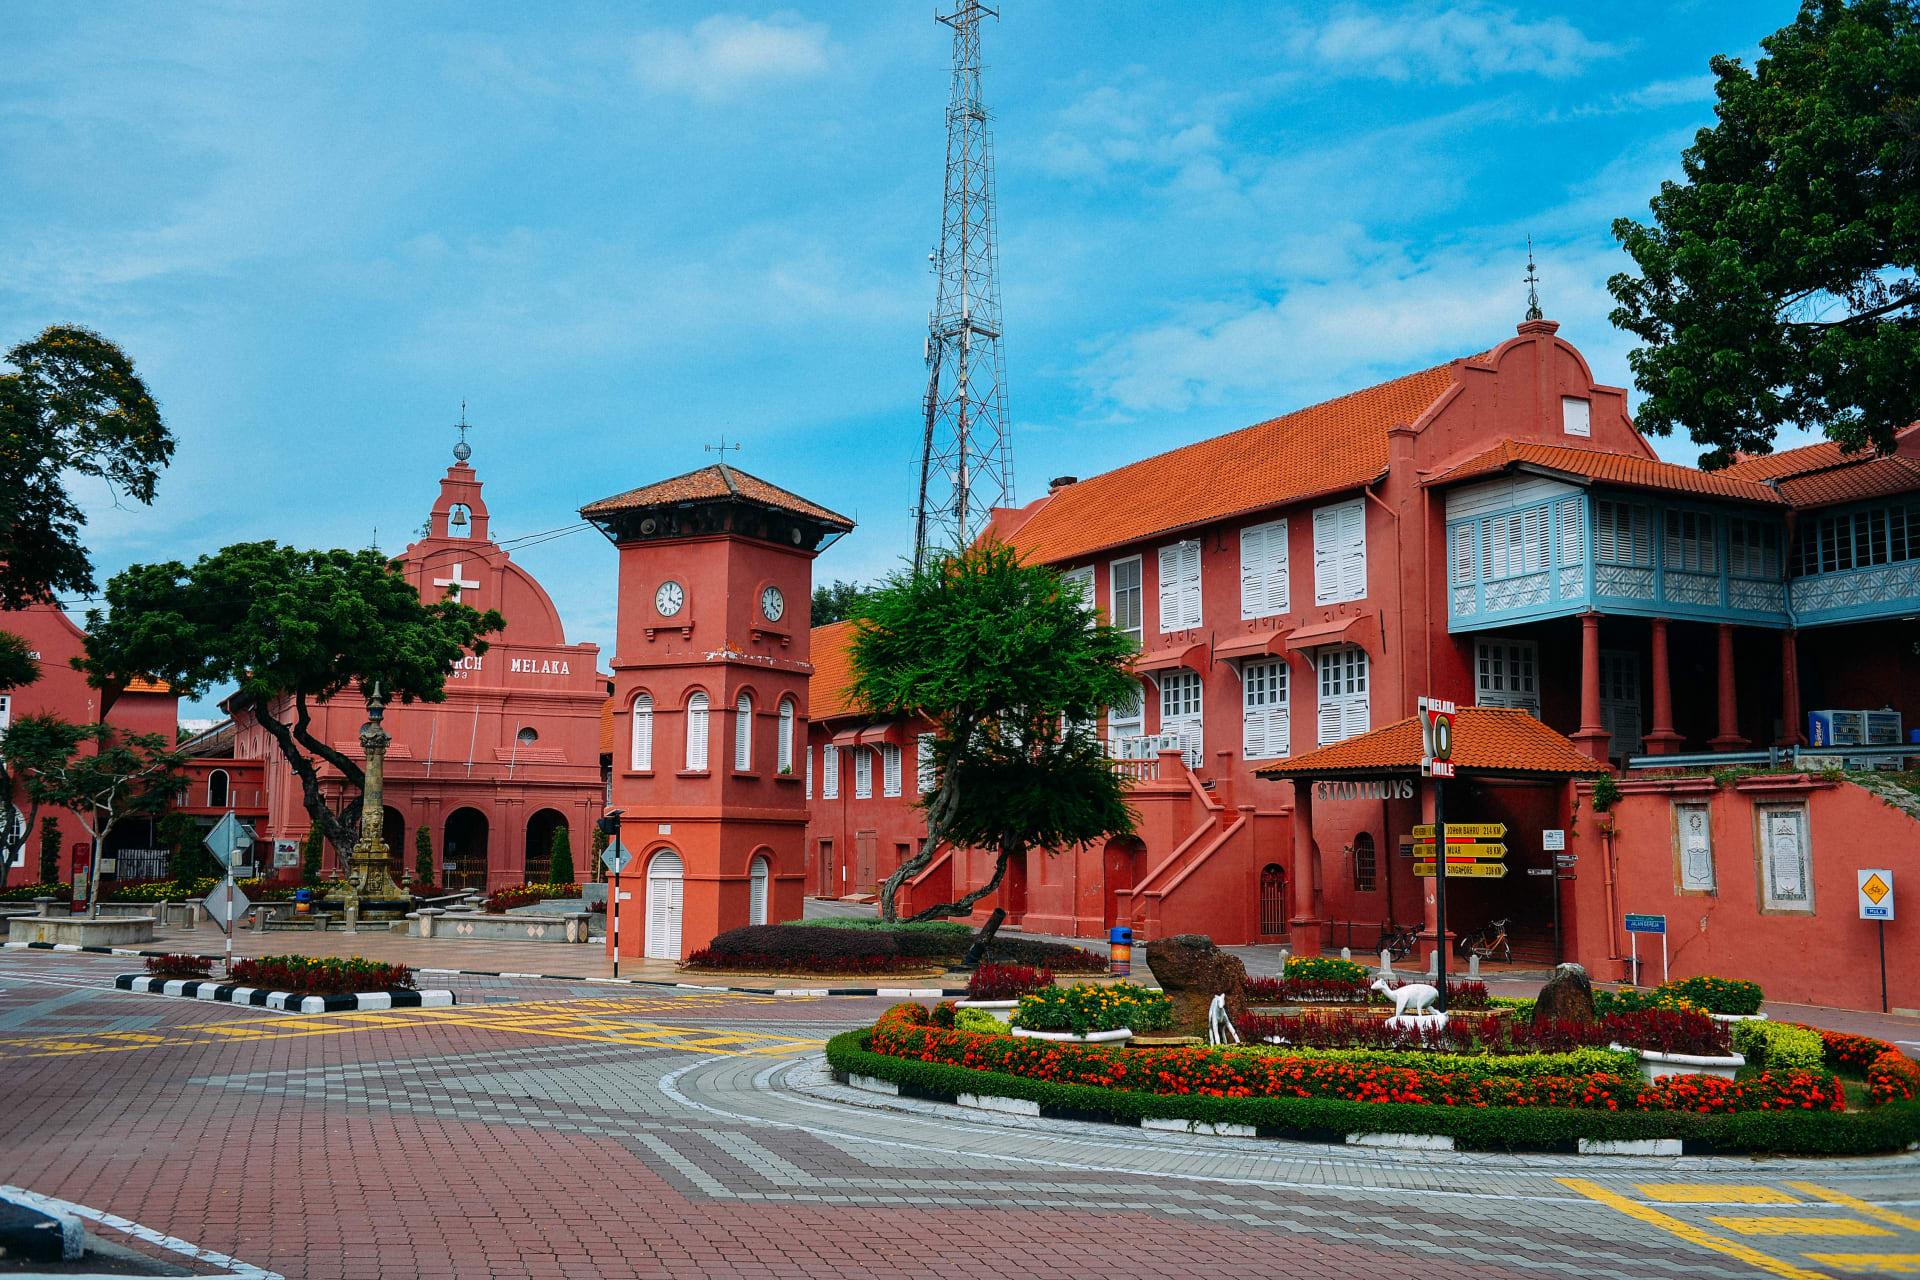 Melaka - Visit the Heart of Melaka: Dutch Build City